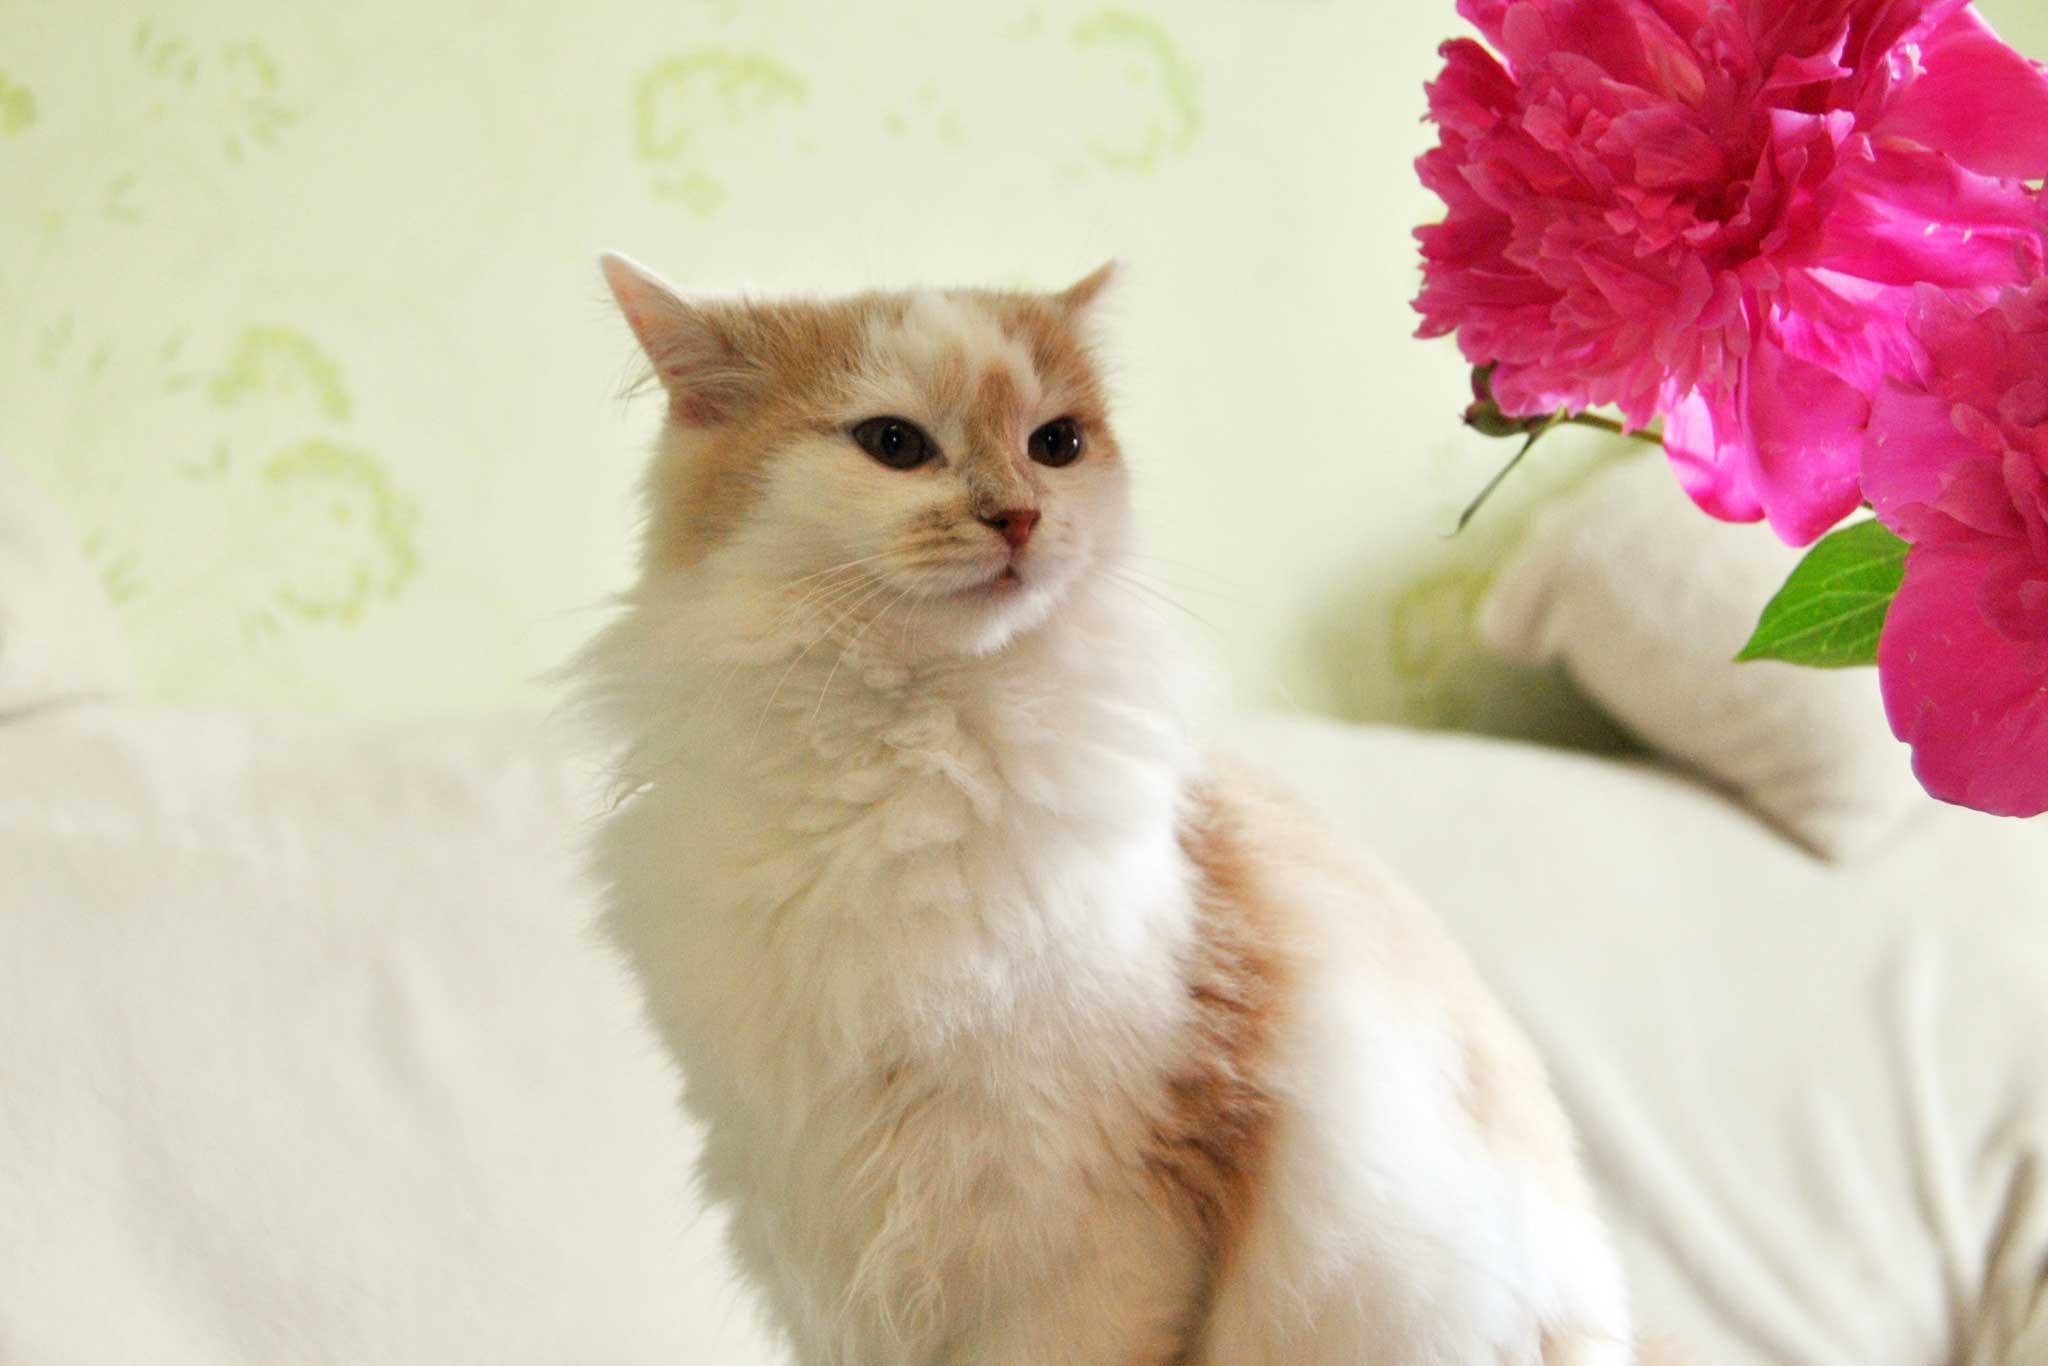 Акция: скидка 20% на стерилизацию кошки по предварительной записи на операцию стерилизации в Москве в 2018 году